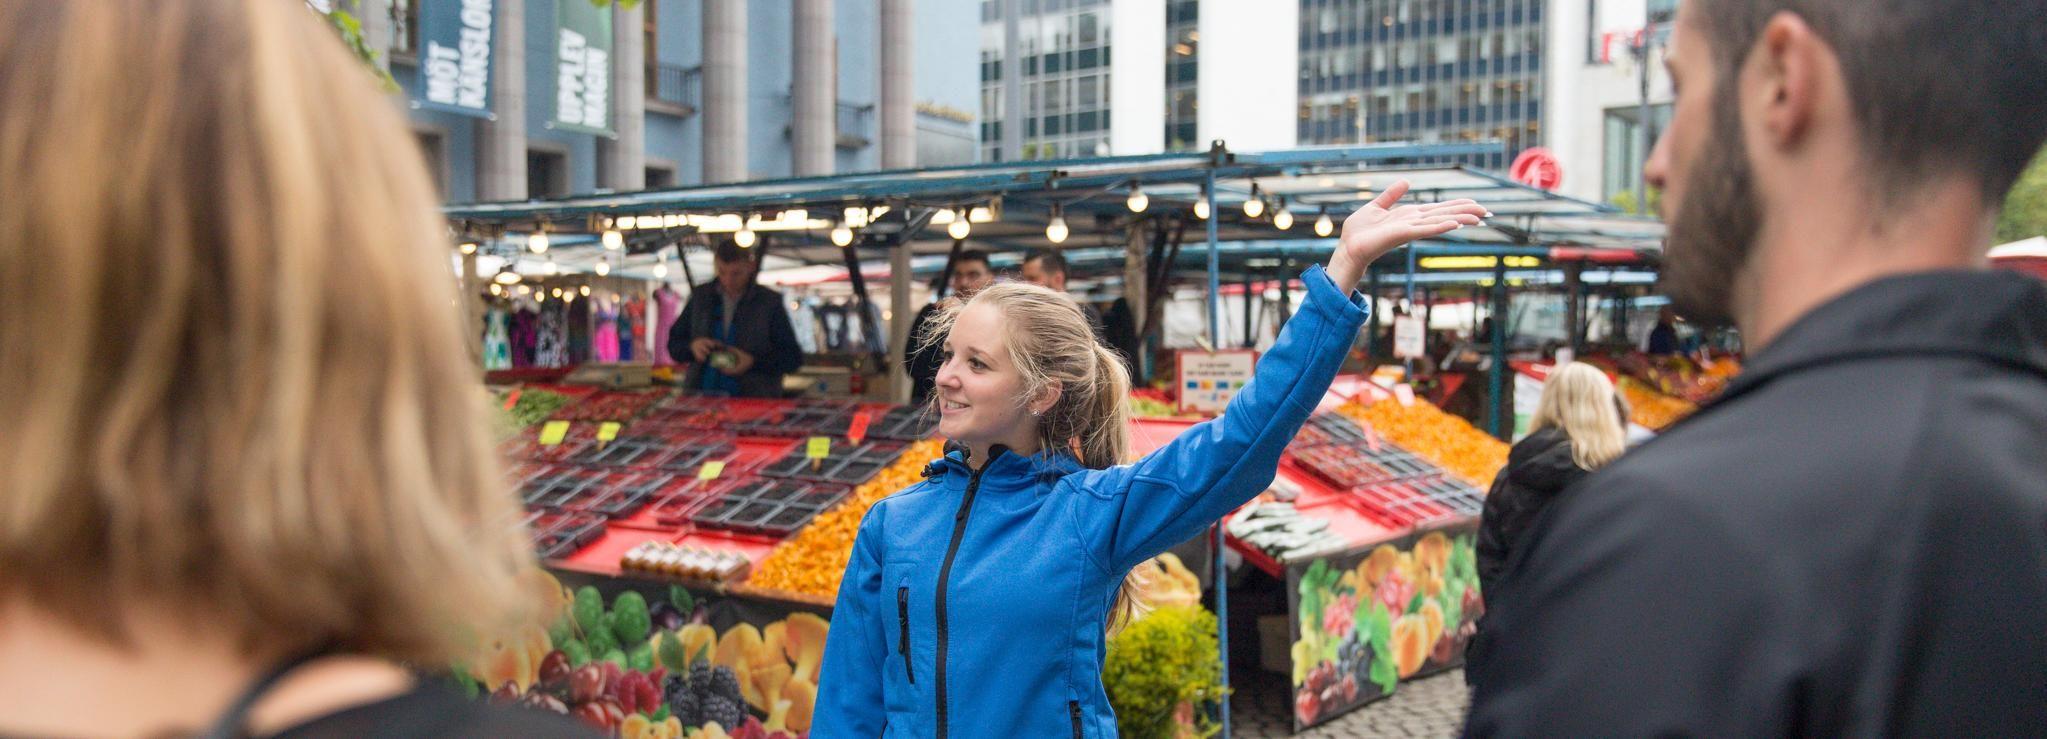 Stoccolma: tour guidato della città